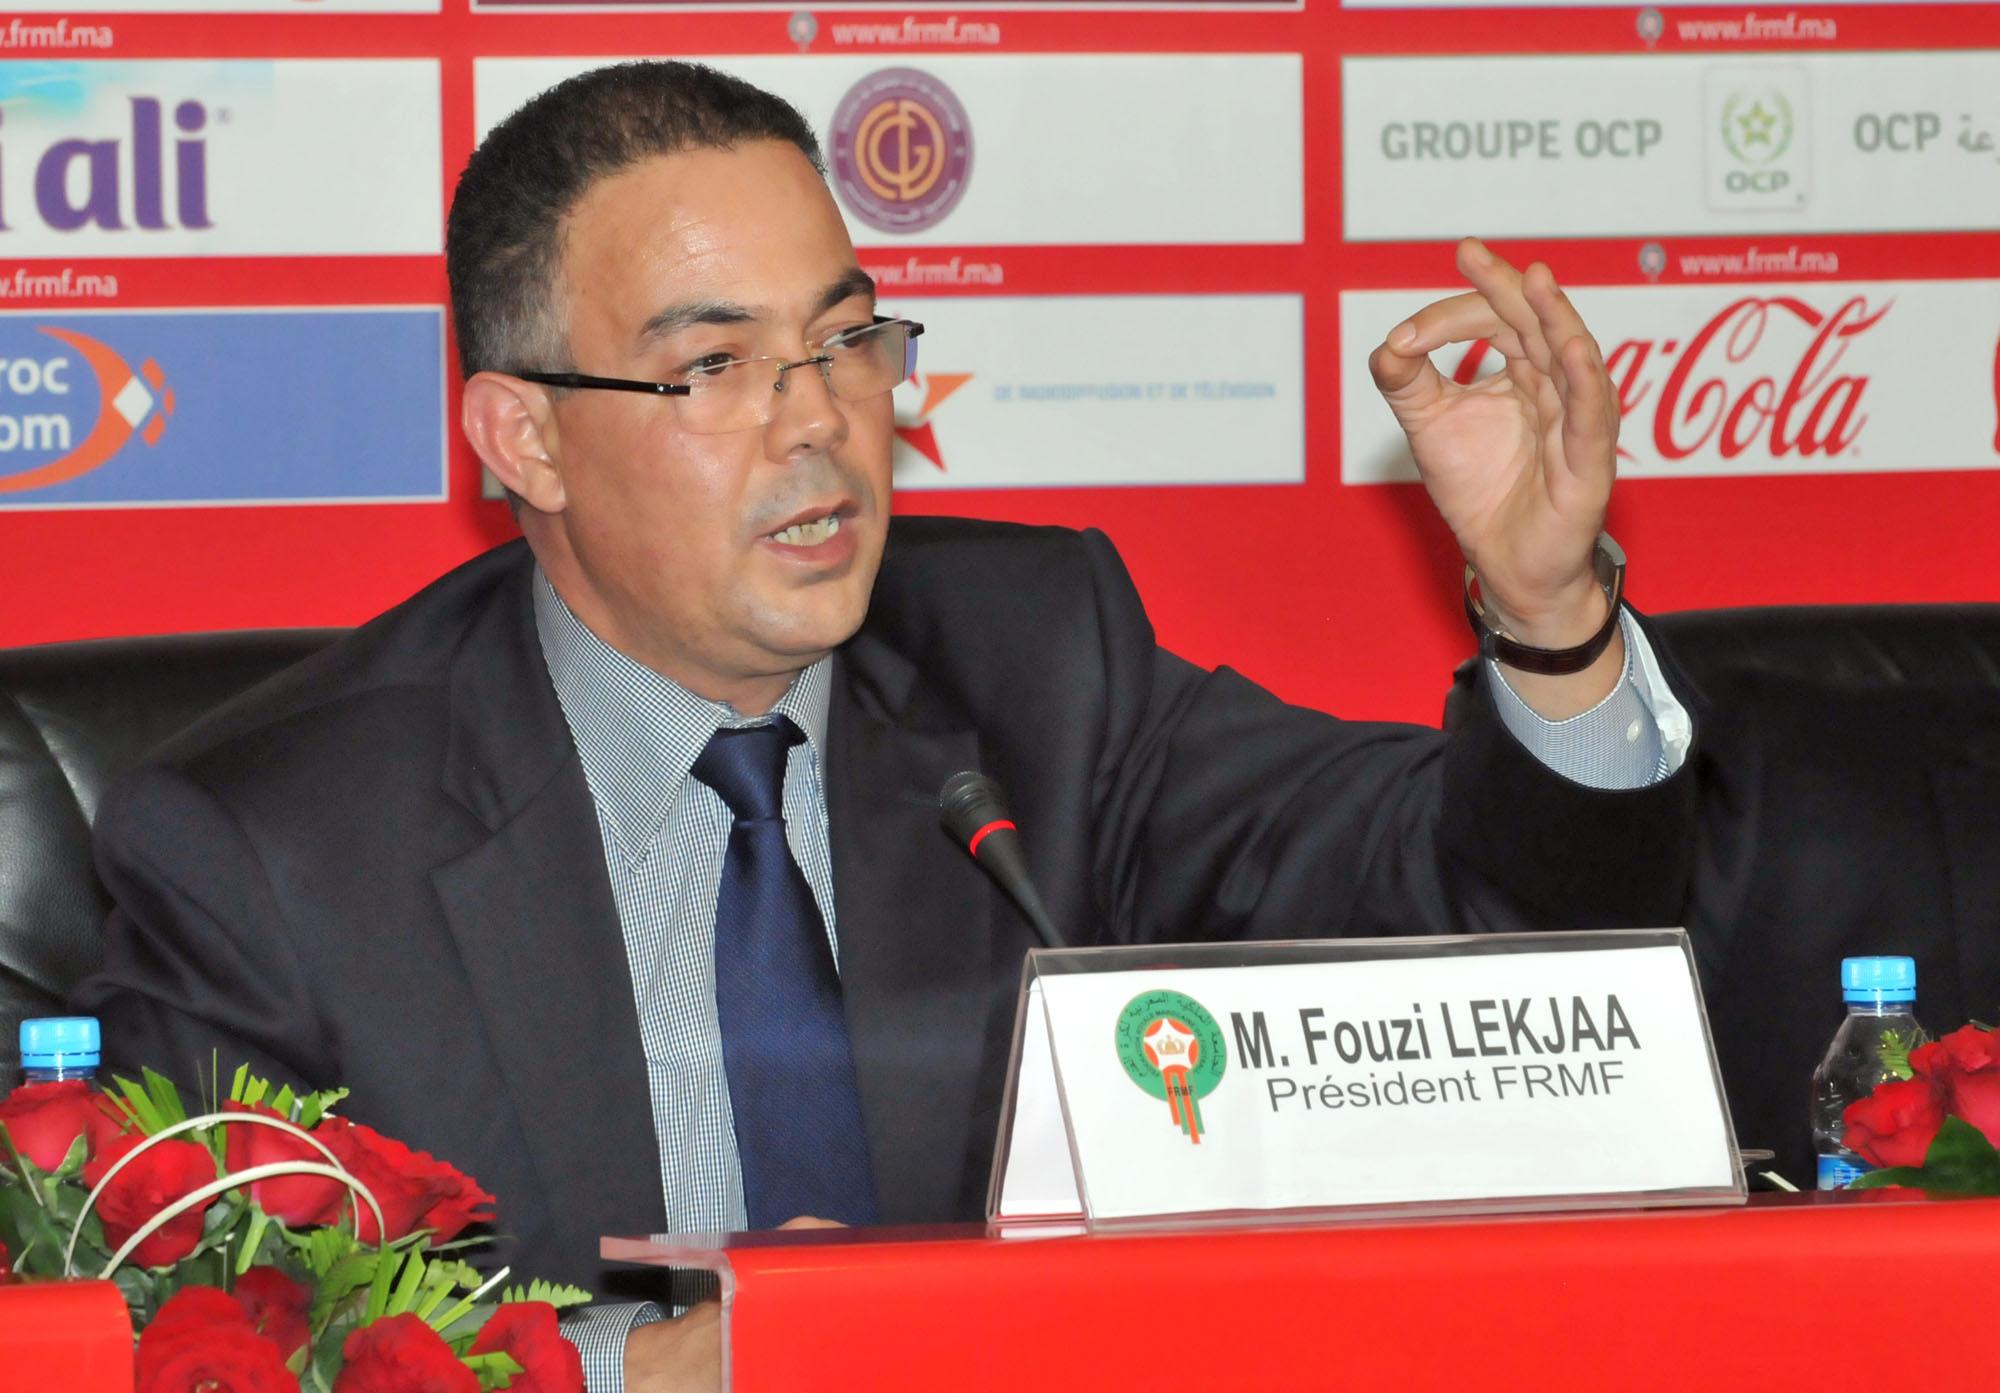 رسميا الفيفا تصادق على ترشح فوزي لقجع لعضوية مجلس الفيفا لكرة القدم.